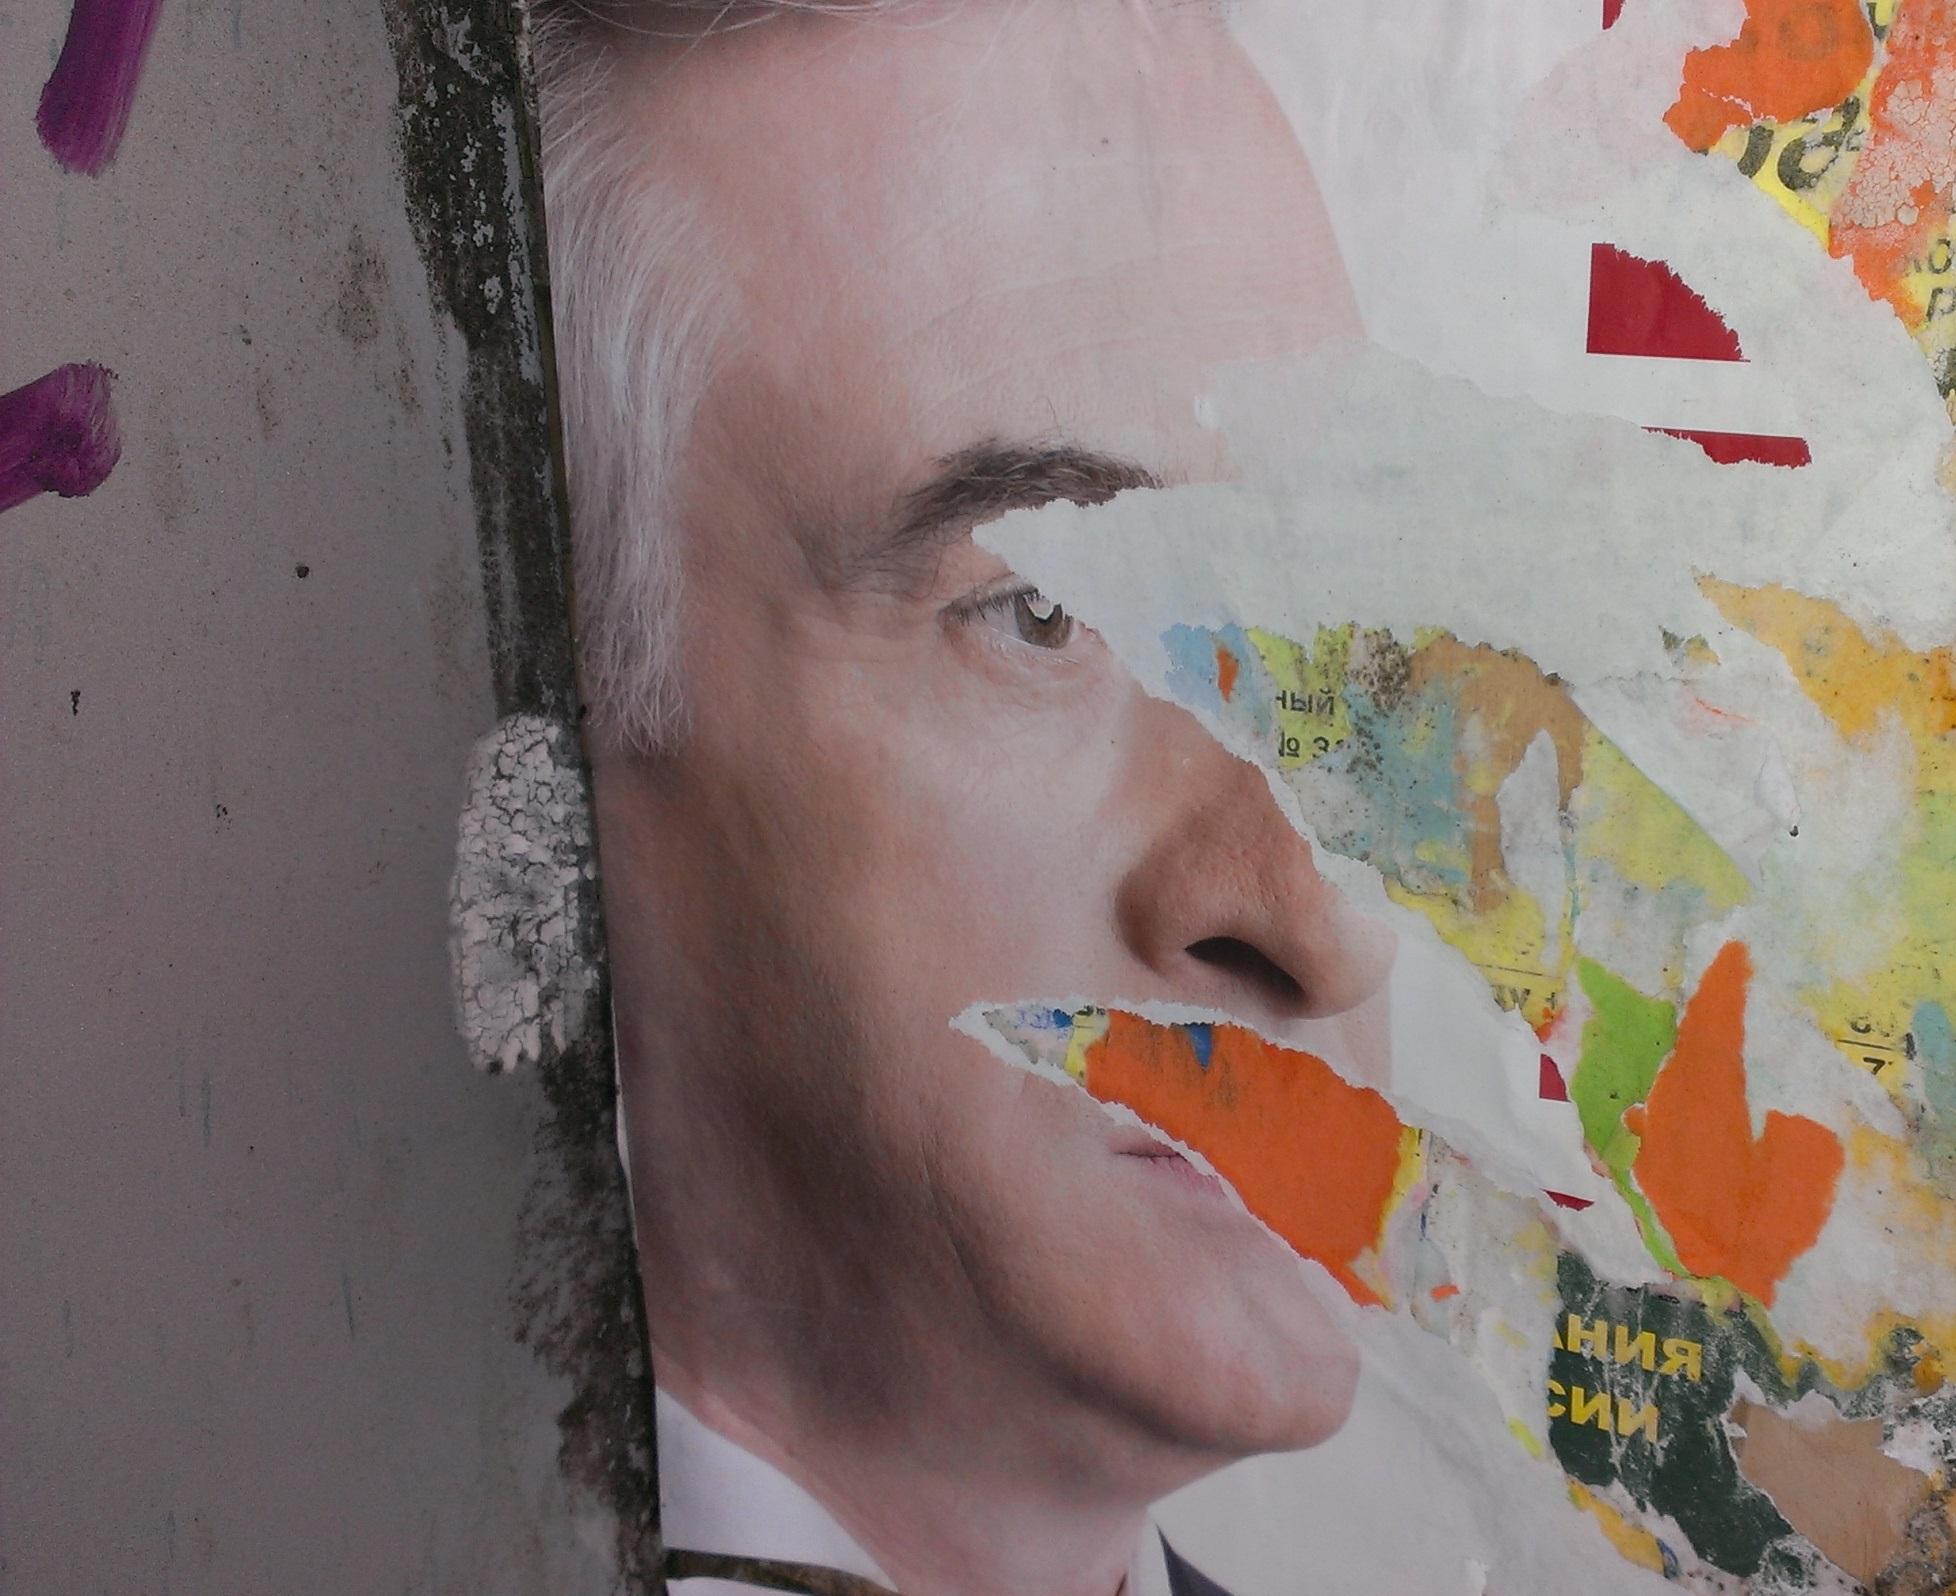 Якова Силина снимают во имя «Экспо-2020»